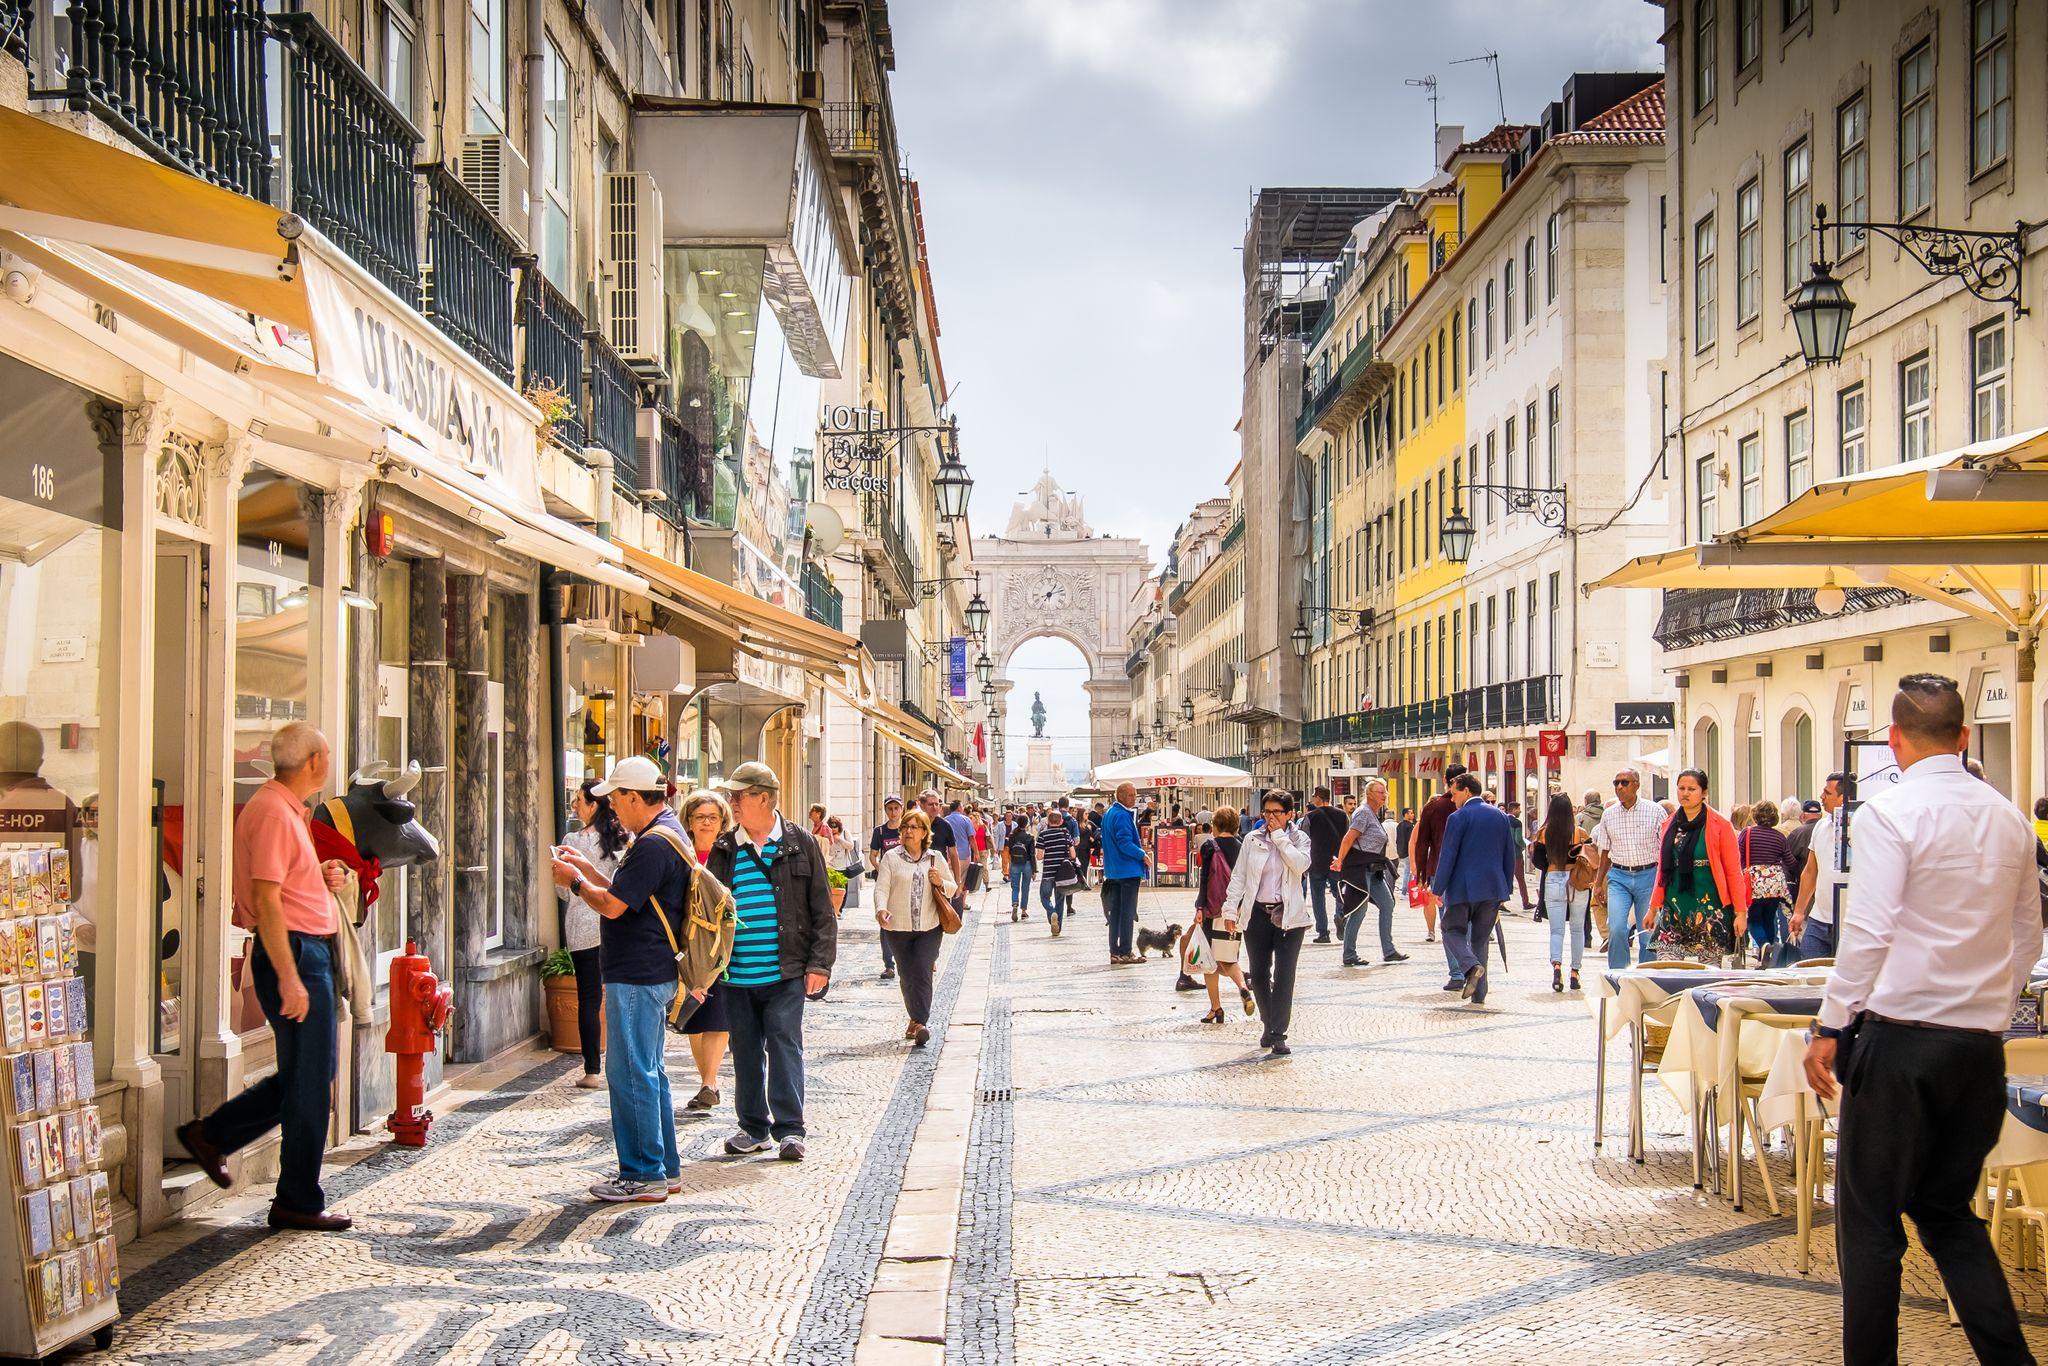 Rua da Prata